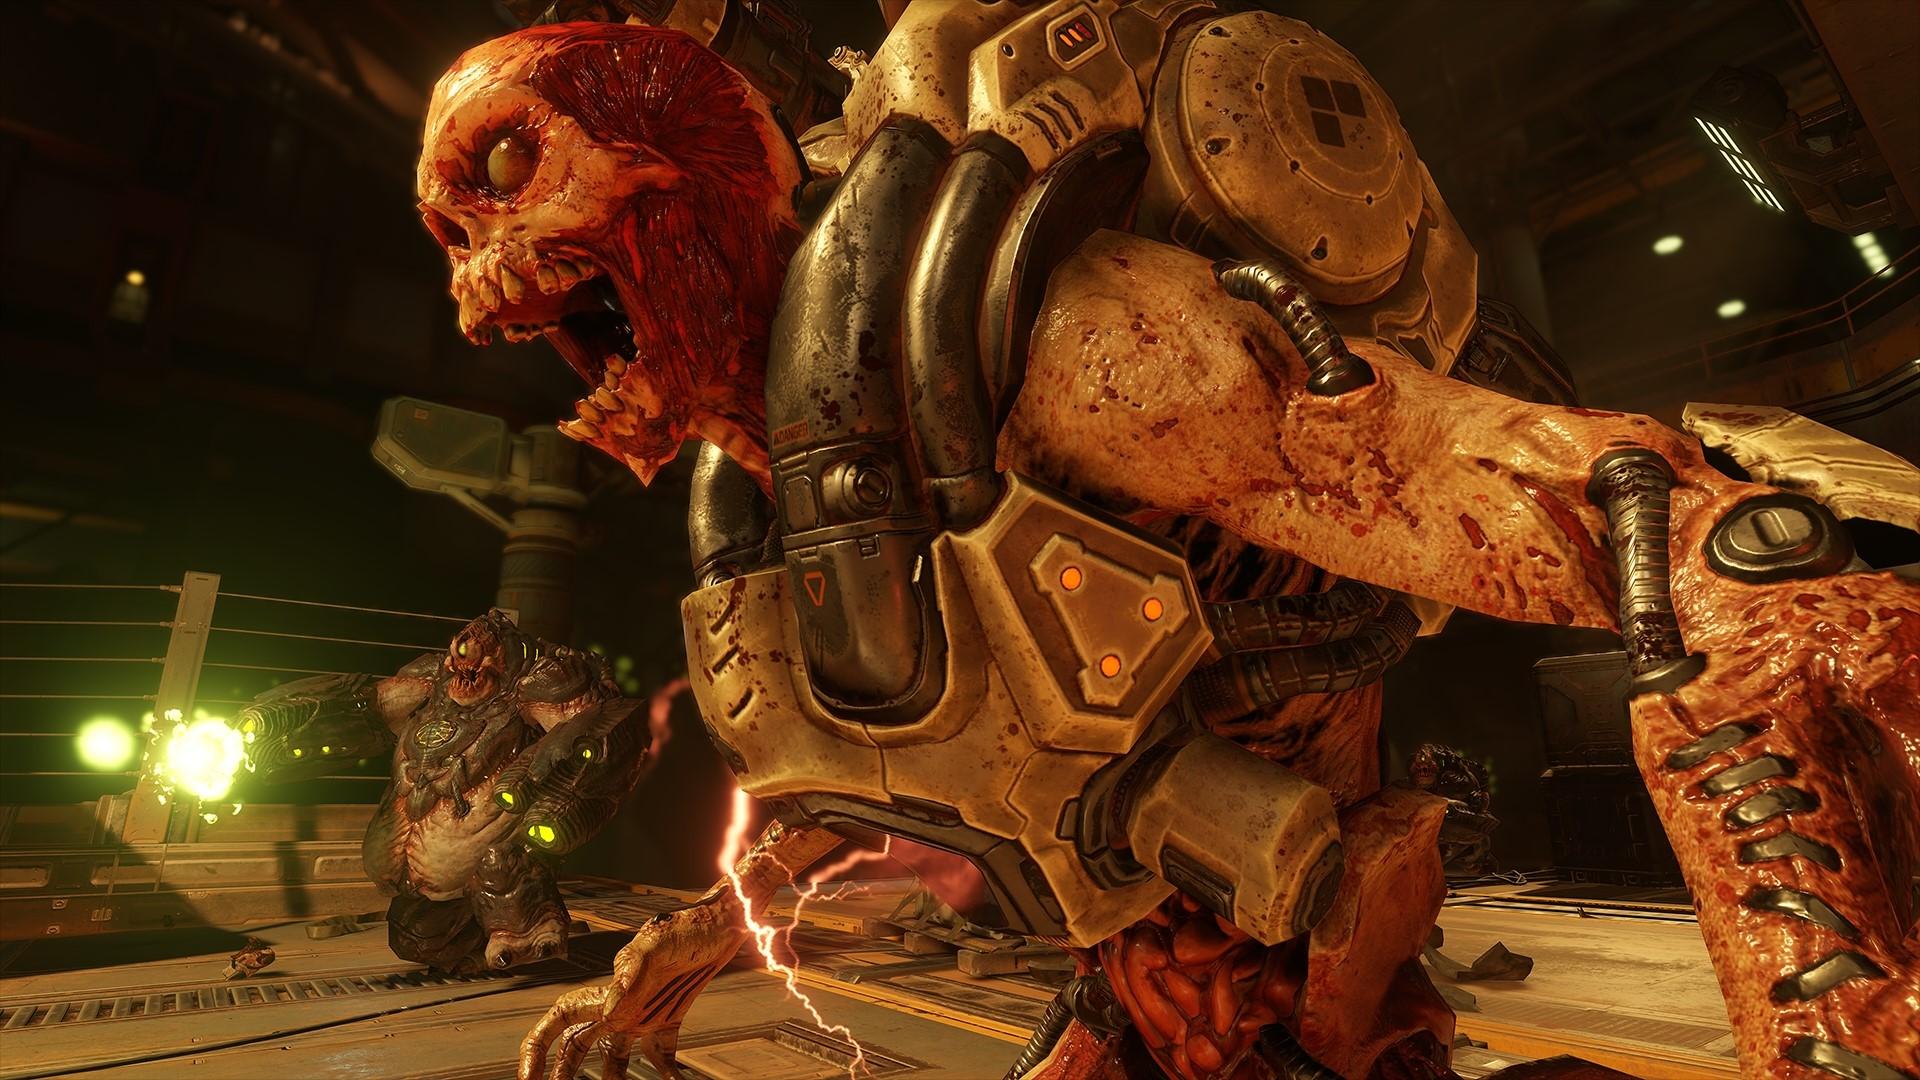 Doom Revenant